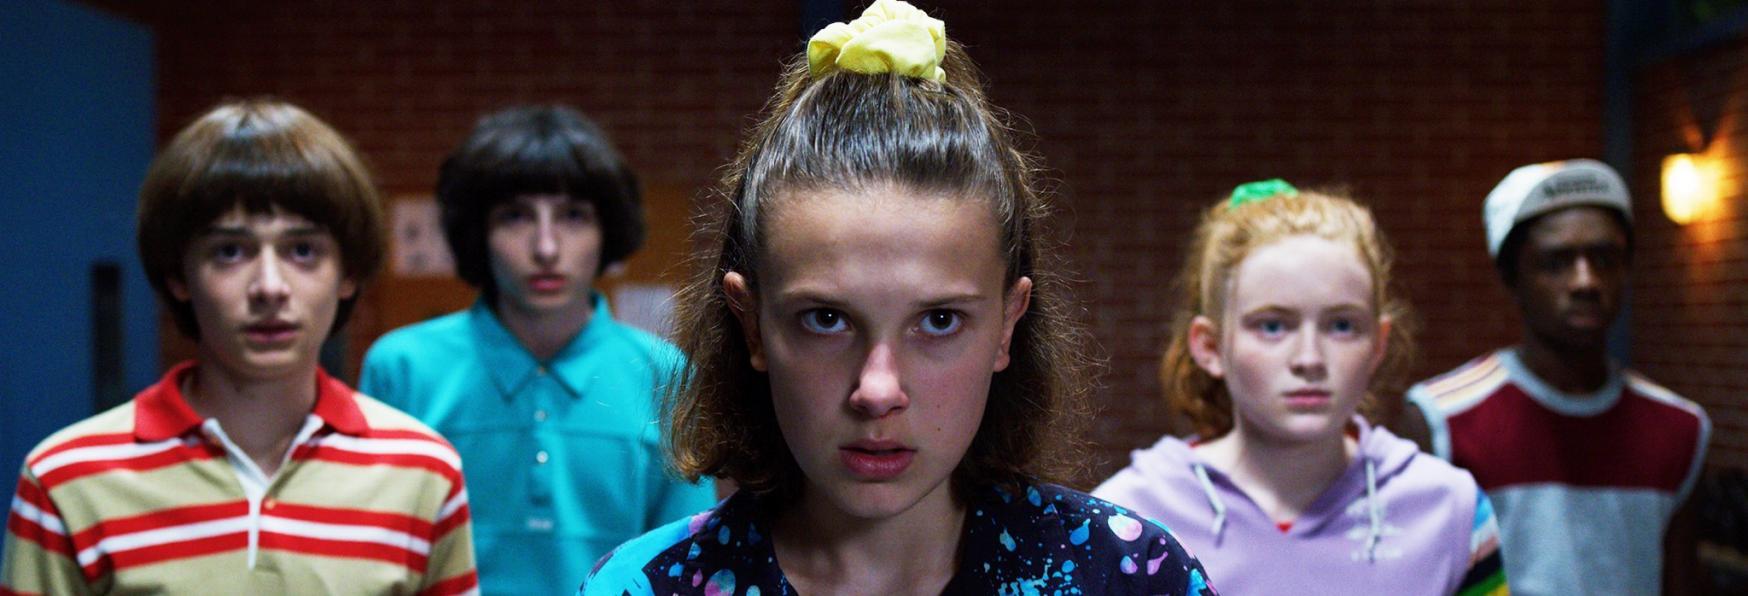 Stranger Things: in soli Quattro Giorni, la 3° Stagione batte il Record di Visualizzazioni di Netflix